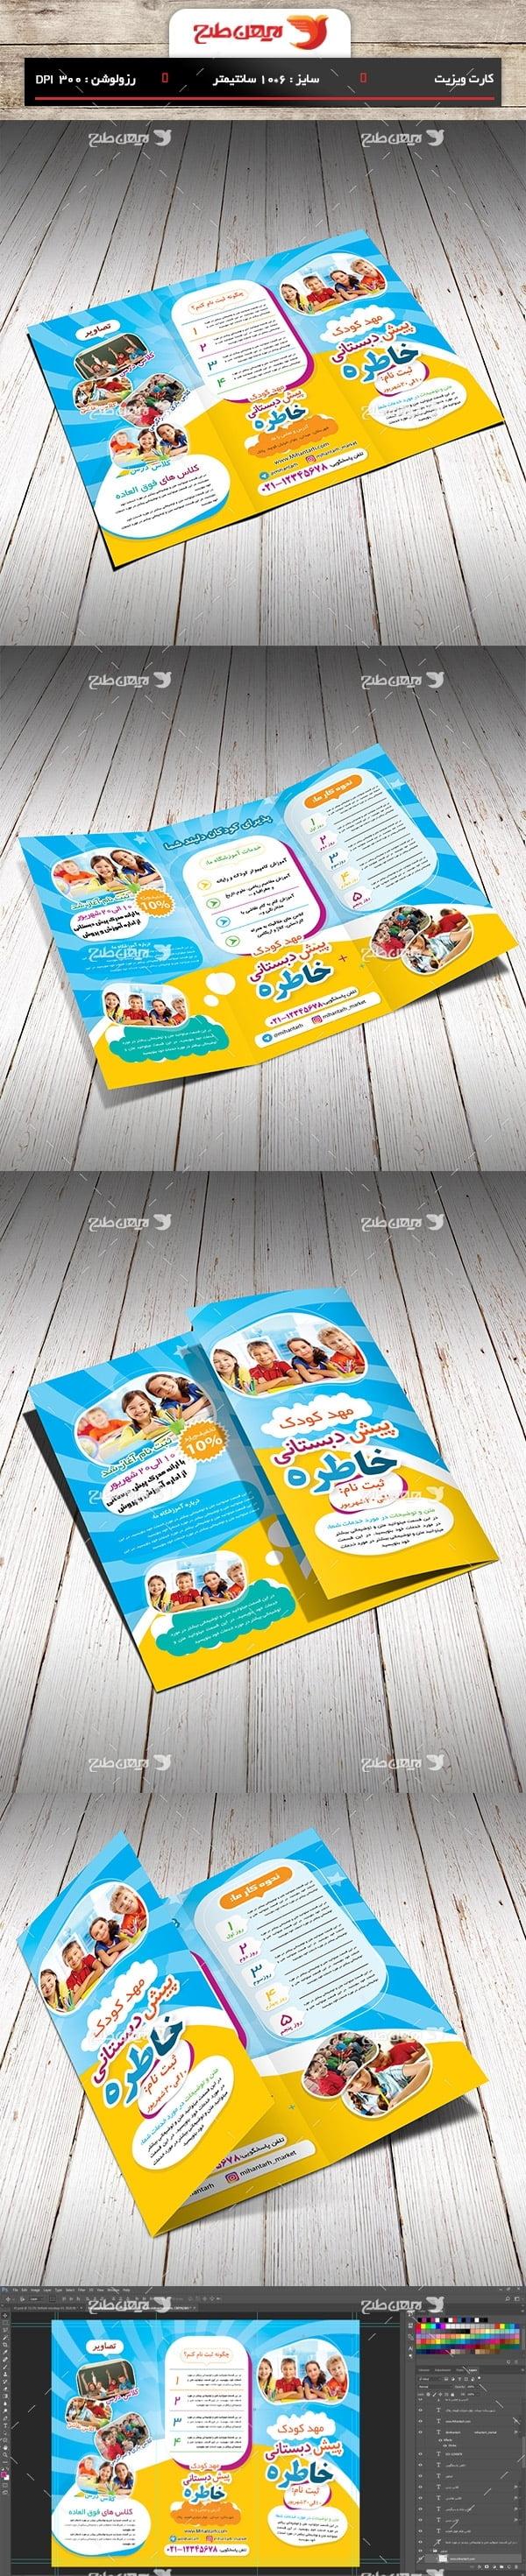 بروشور تبلیغاتی مهد کودک و پیش دبستانی خاطره